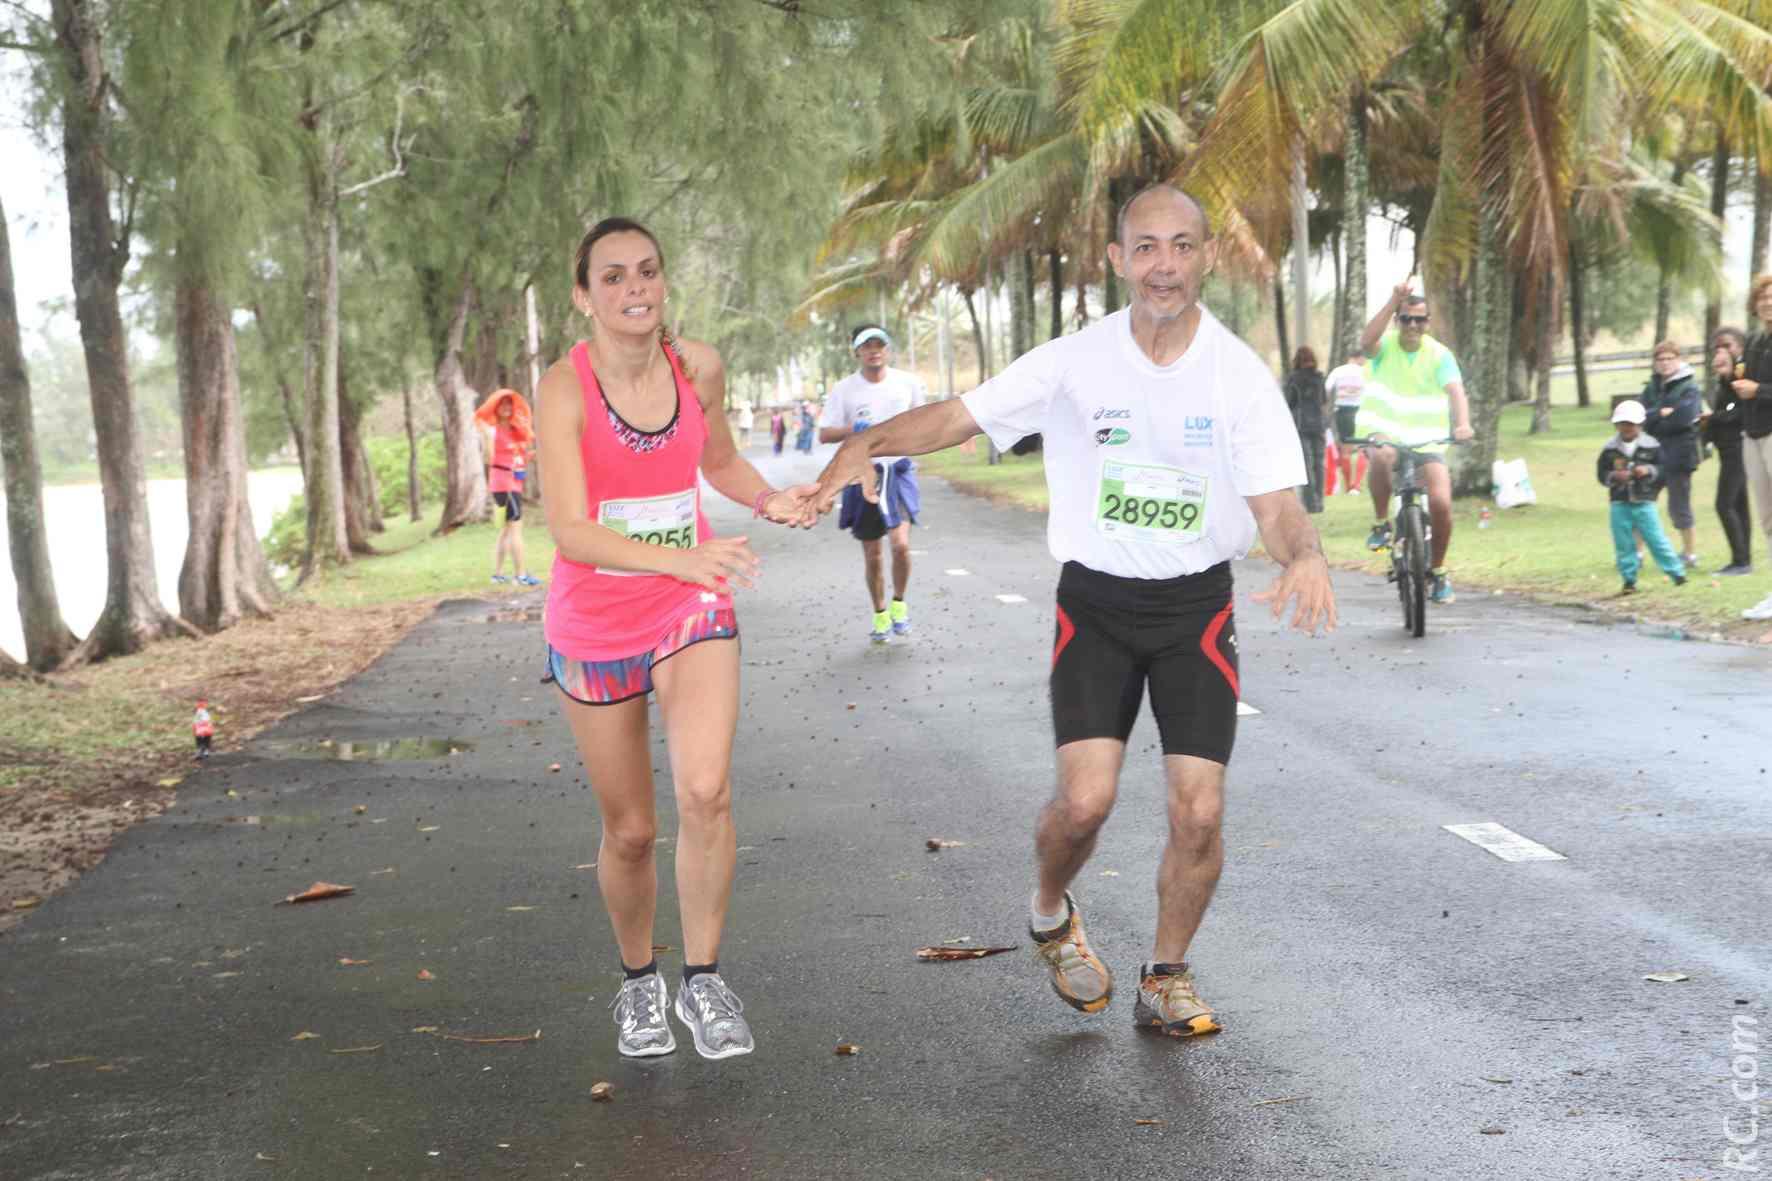 Le Réunionnais  handi-sportif Arnaud Huguet, bien escorté pour boucler ses derniers mètres